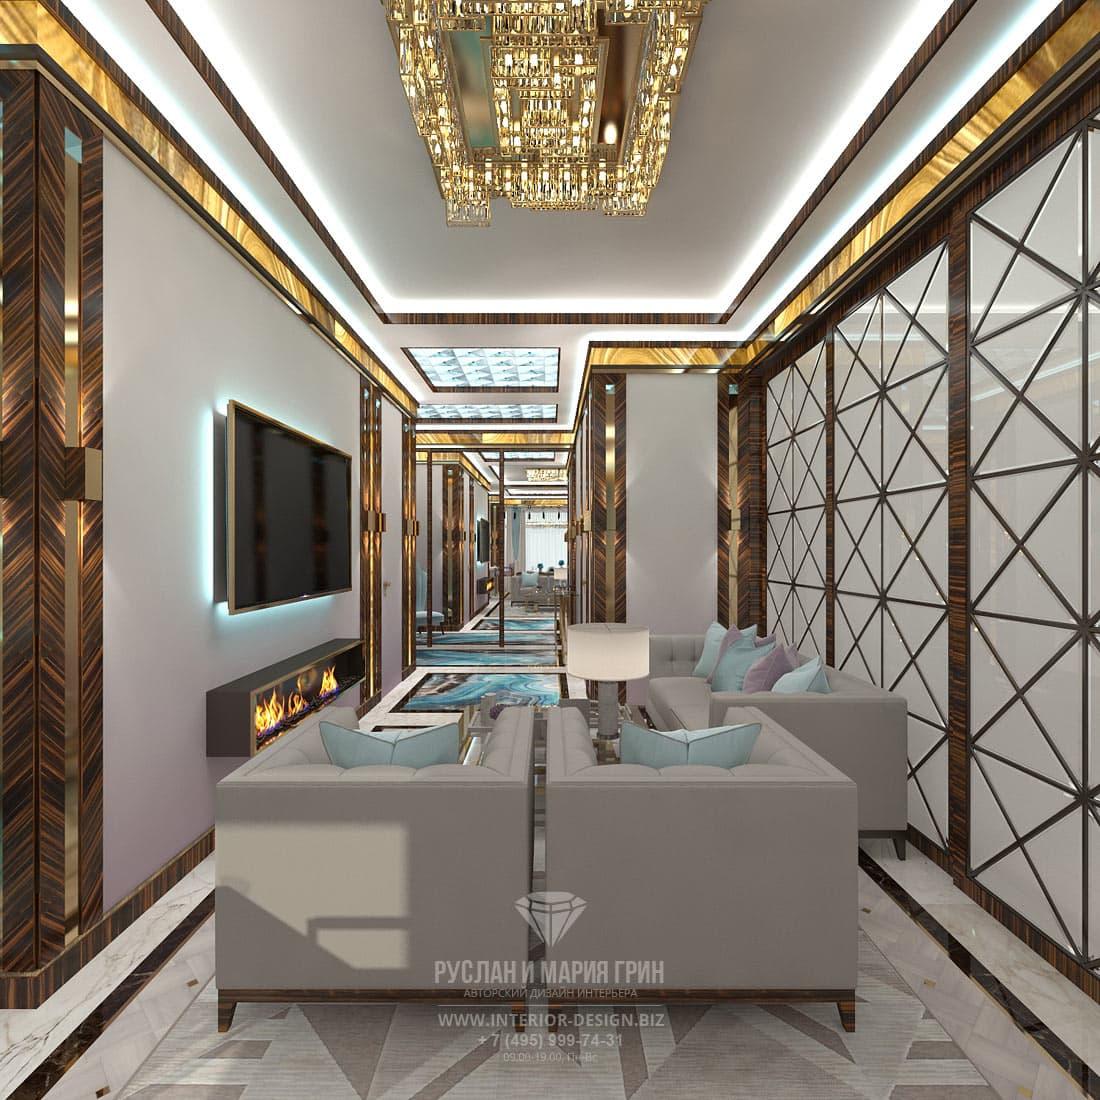 Диванная зона гостиной и раздвижные двери с декоративной раскладкой